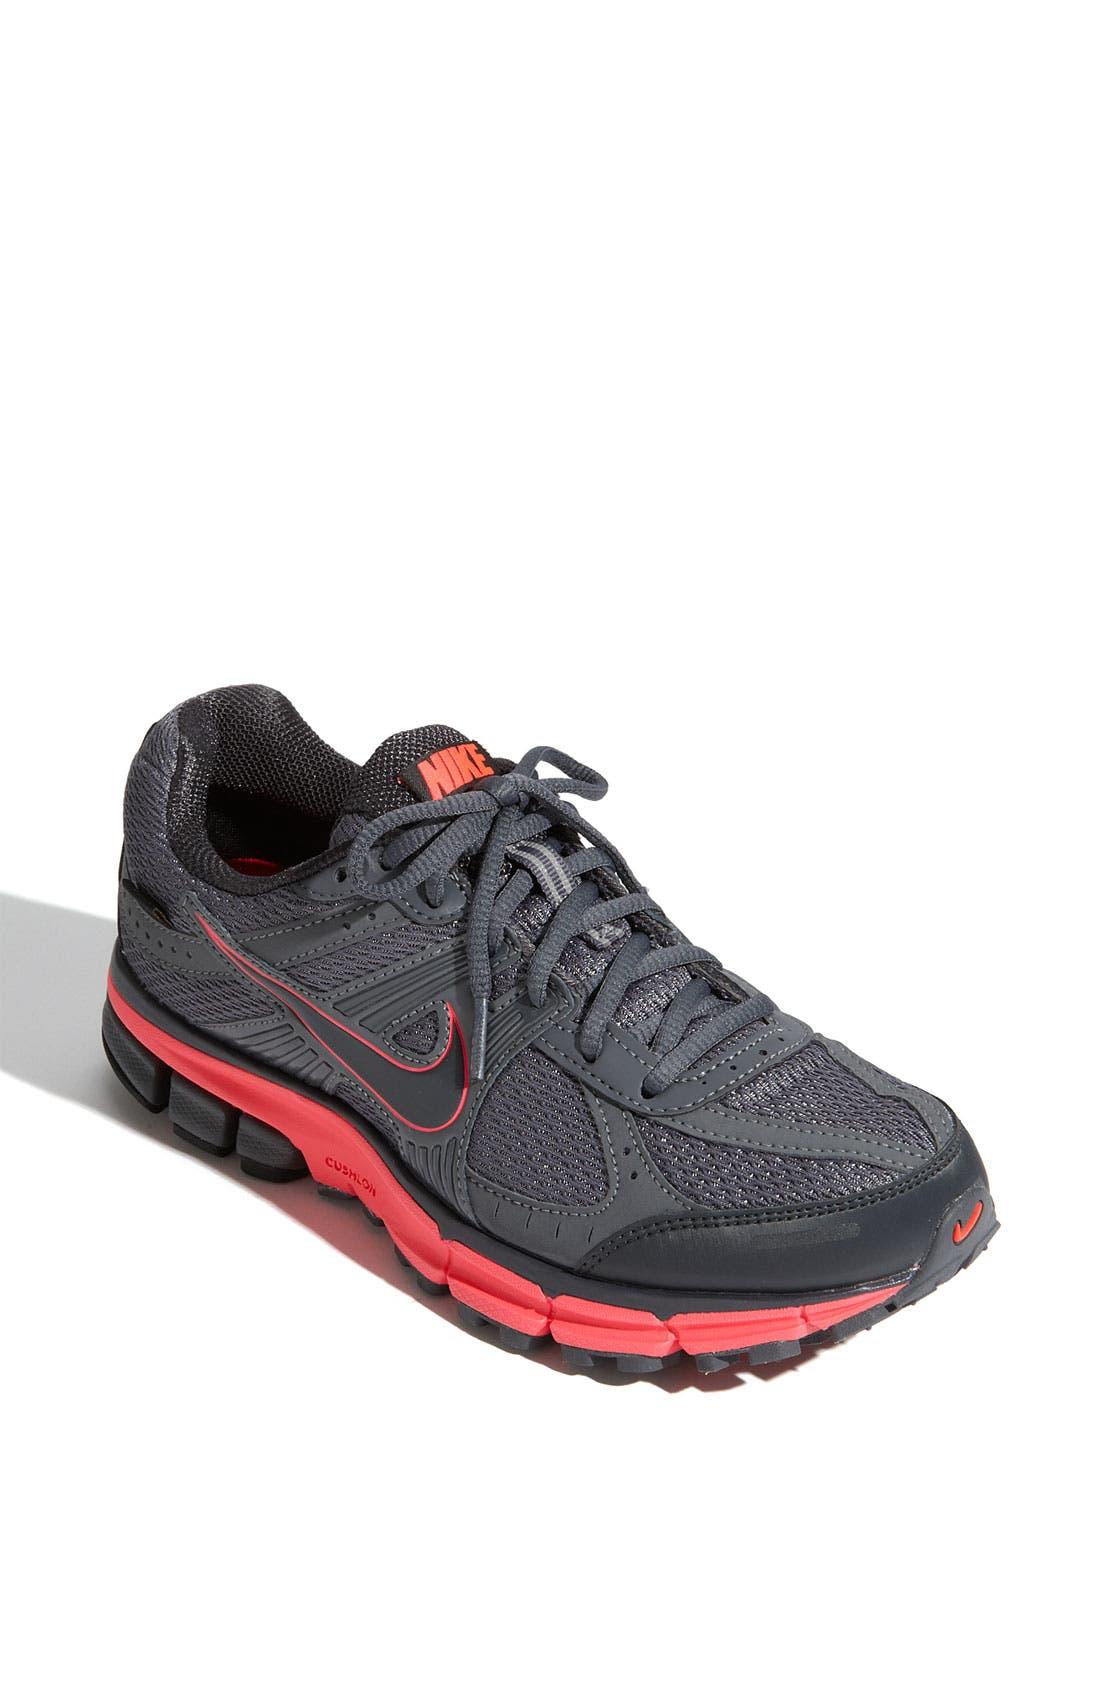 Nike 'Air Pegasus 27 GTX' Running Shoe